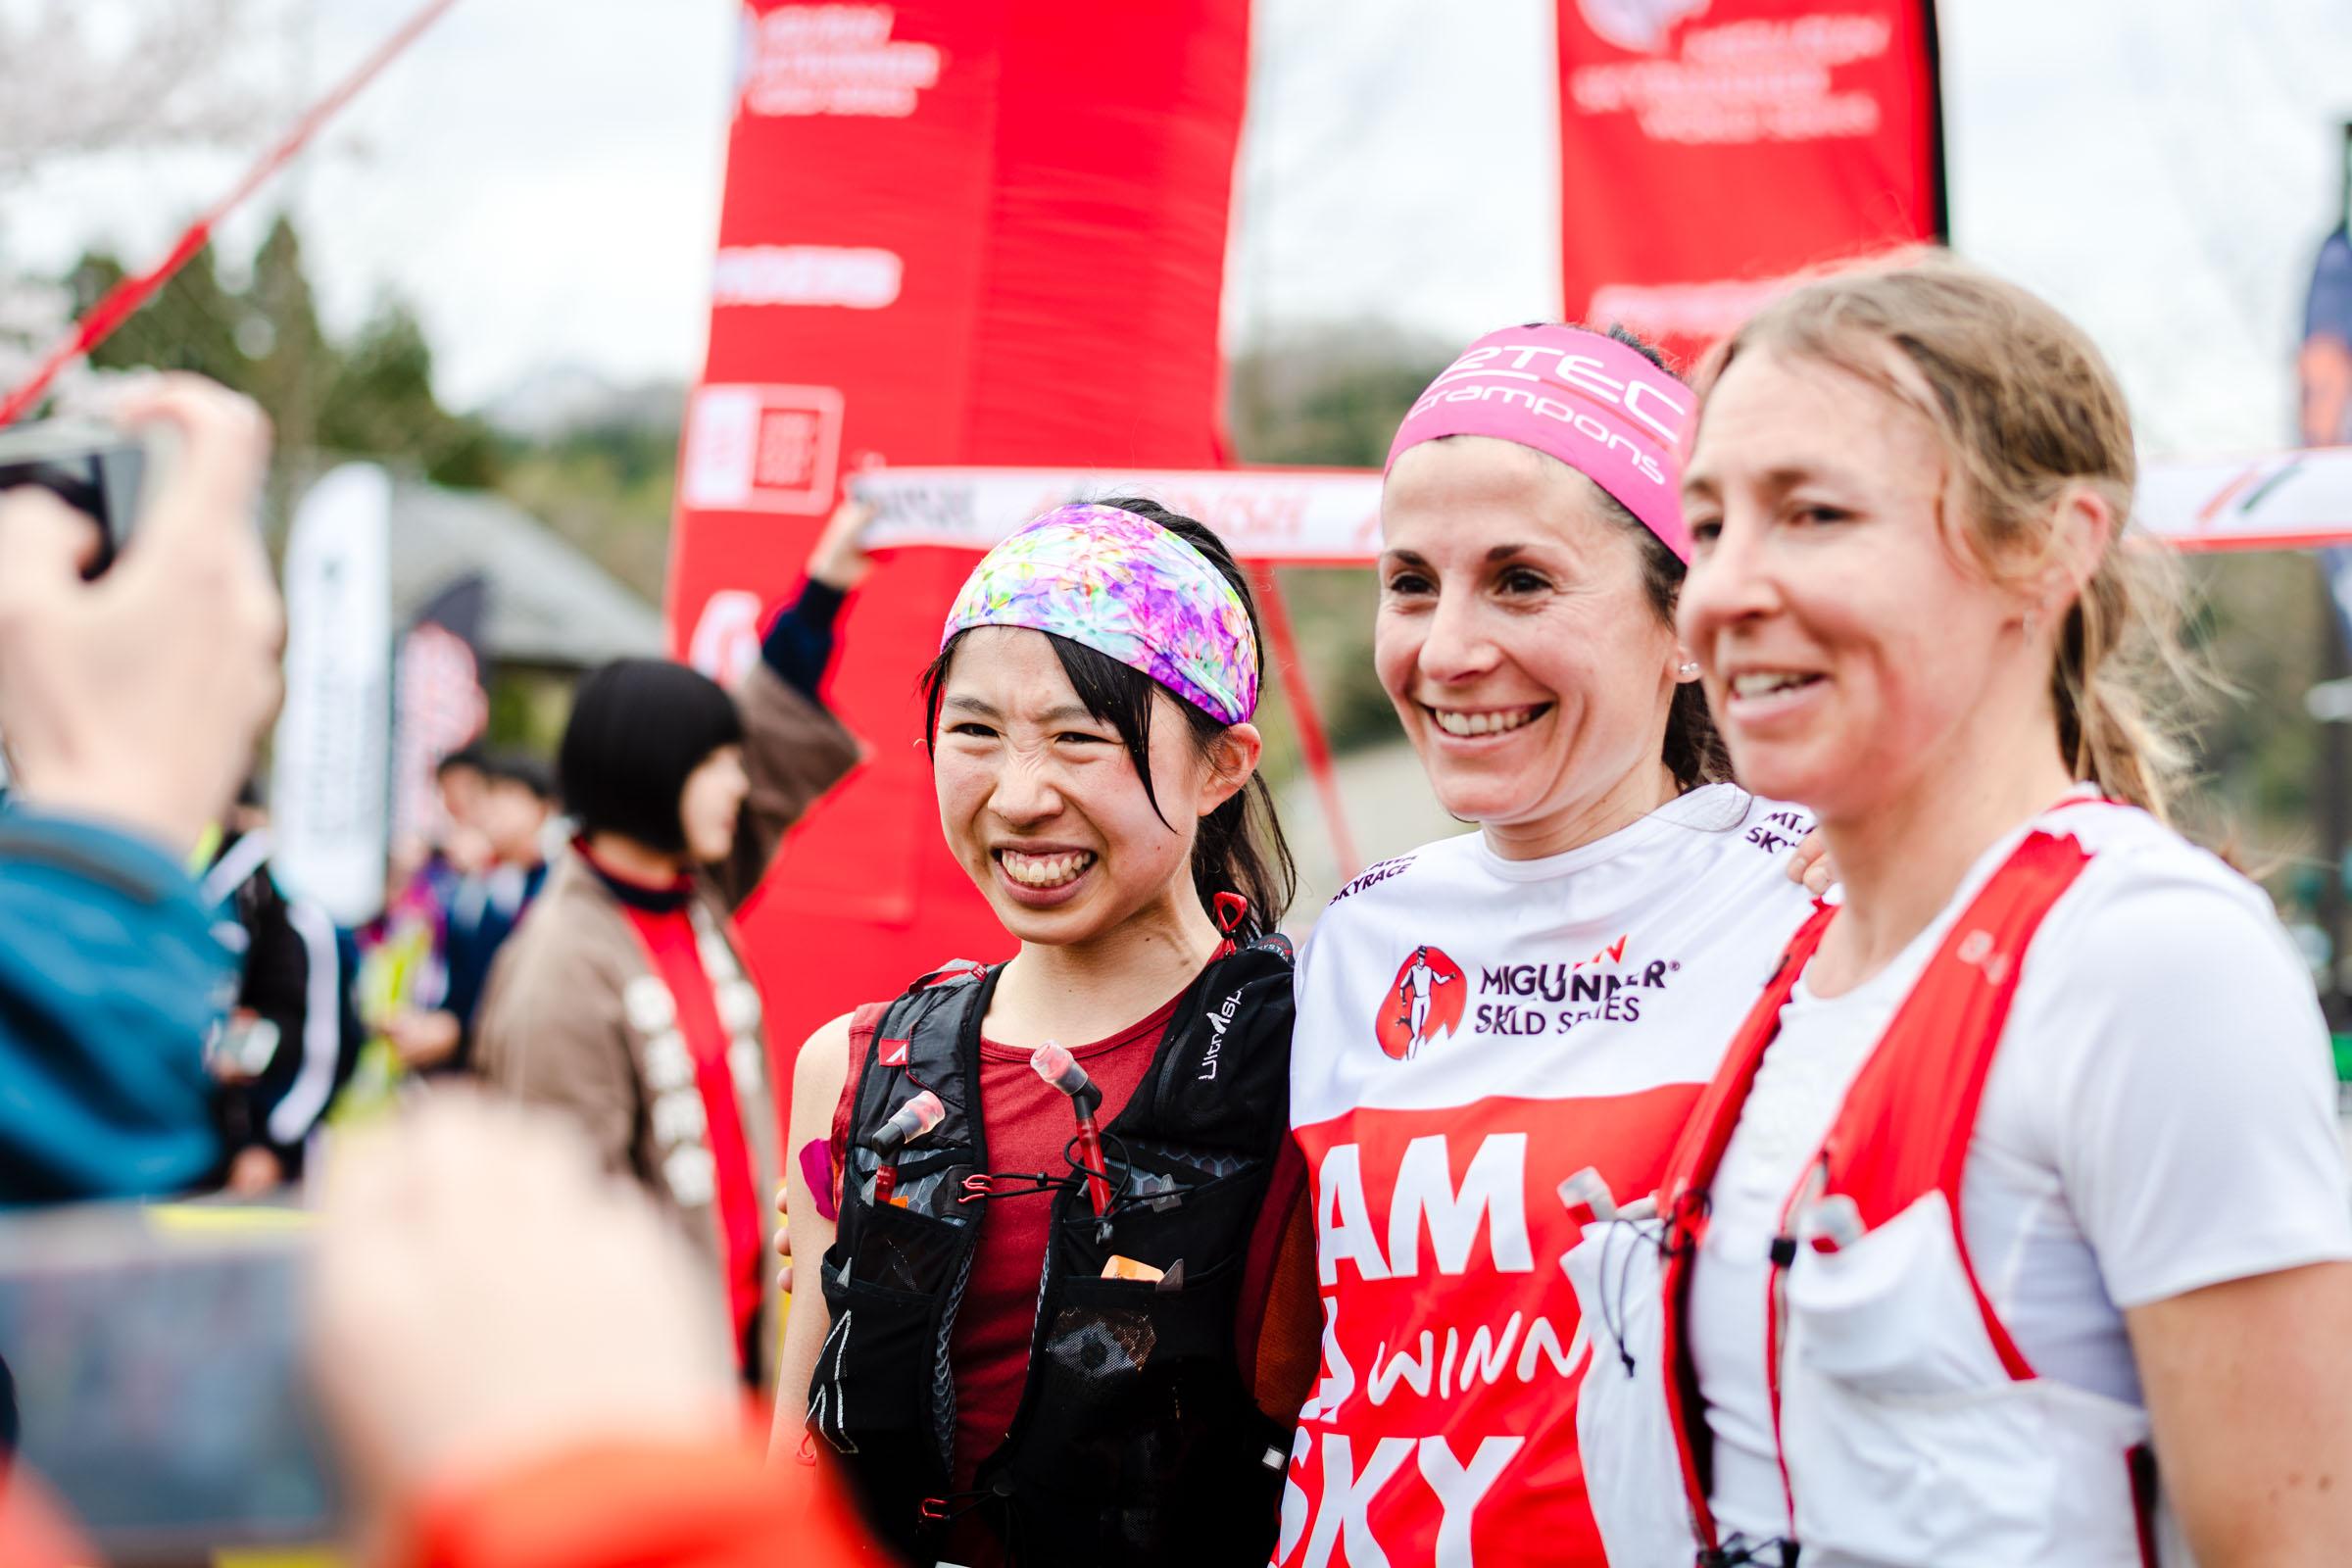 女子トップ3。左から高村、エリサ、メーガン ©Nagi Murofushi